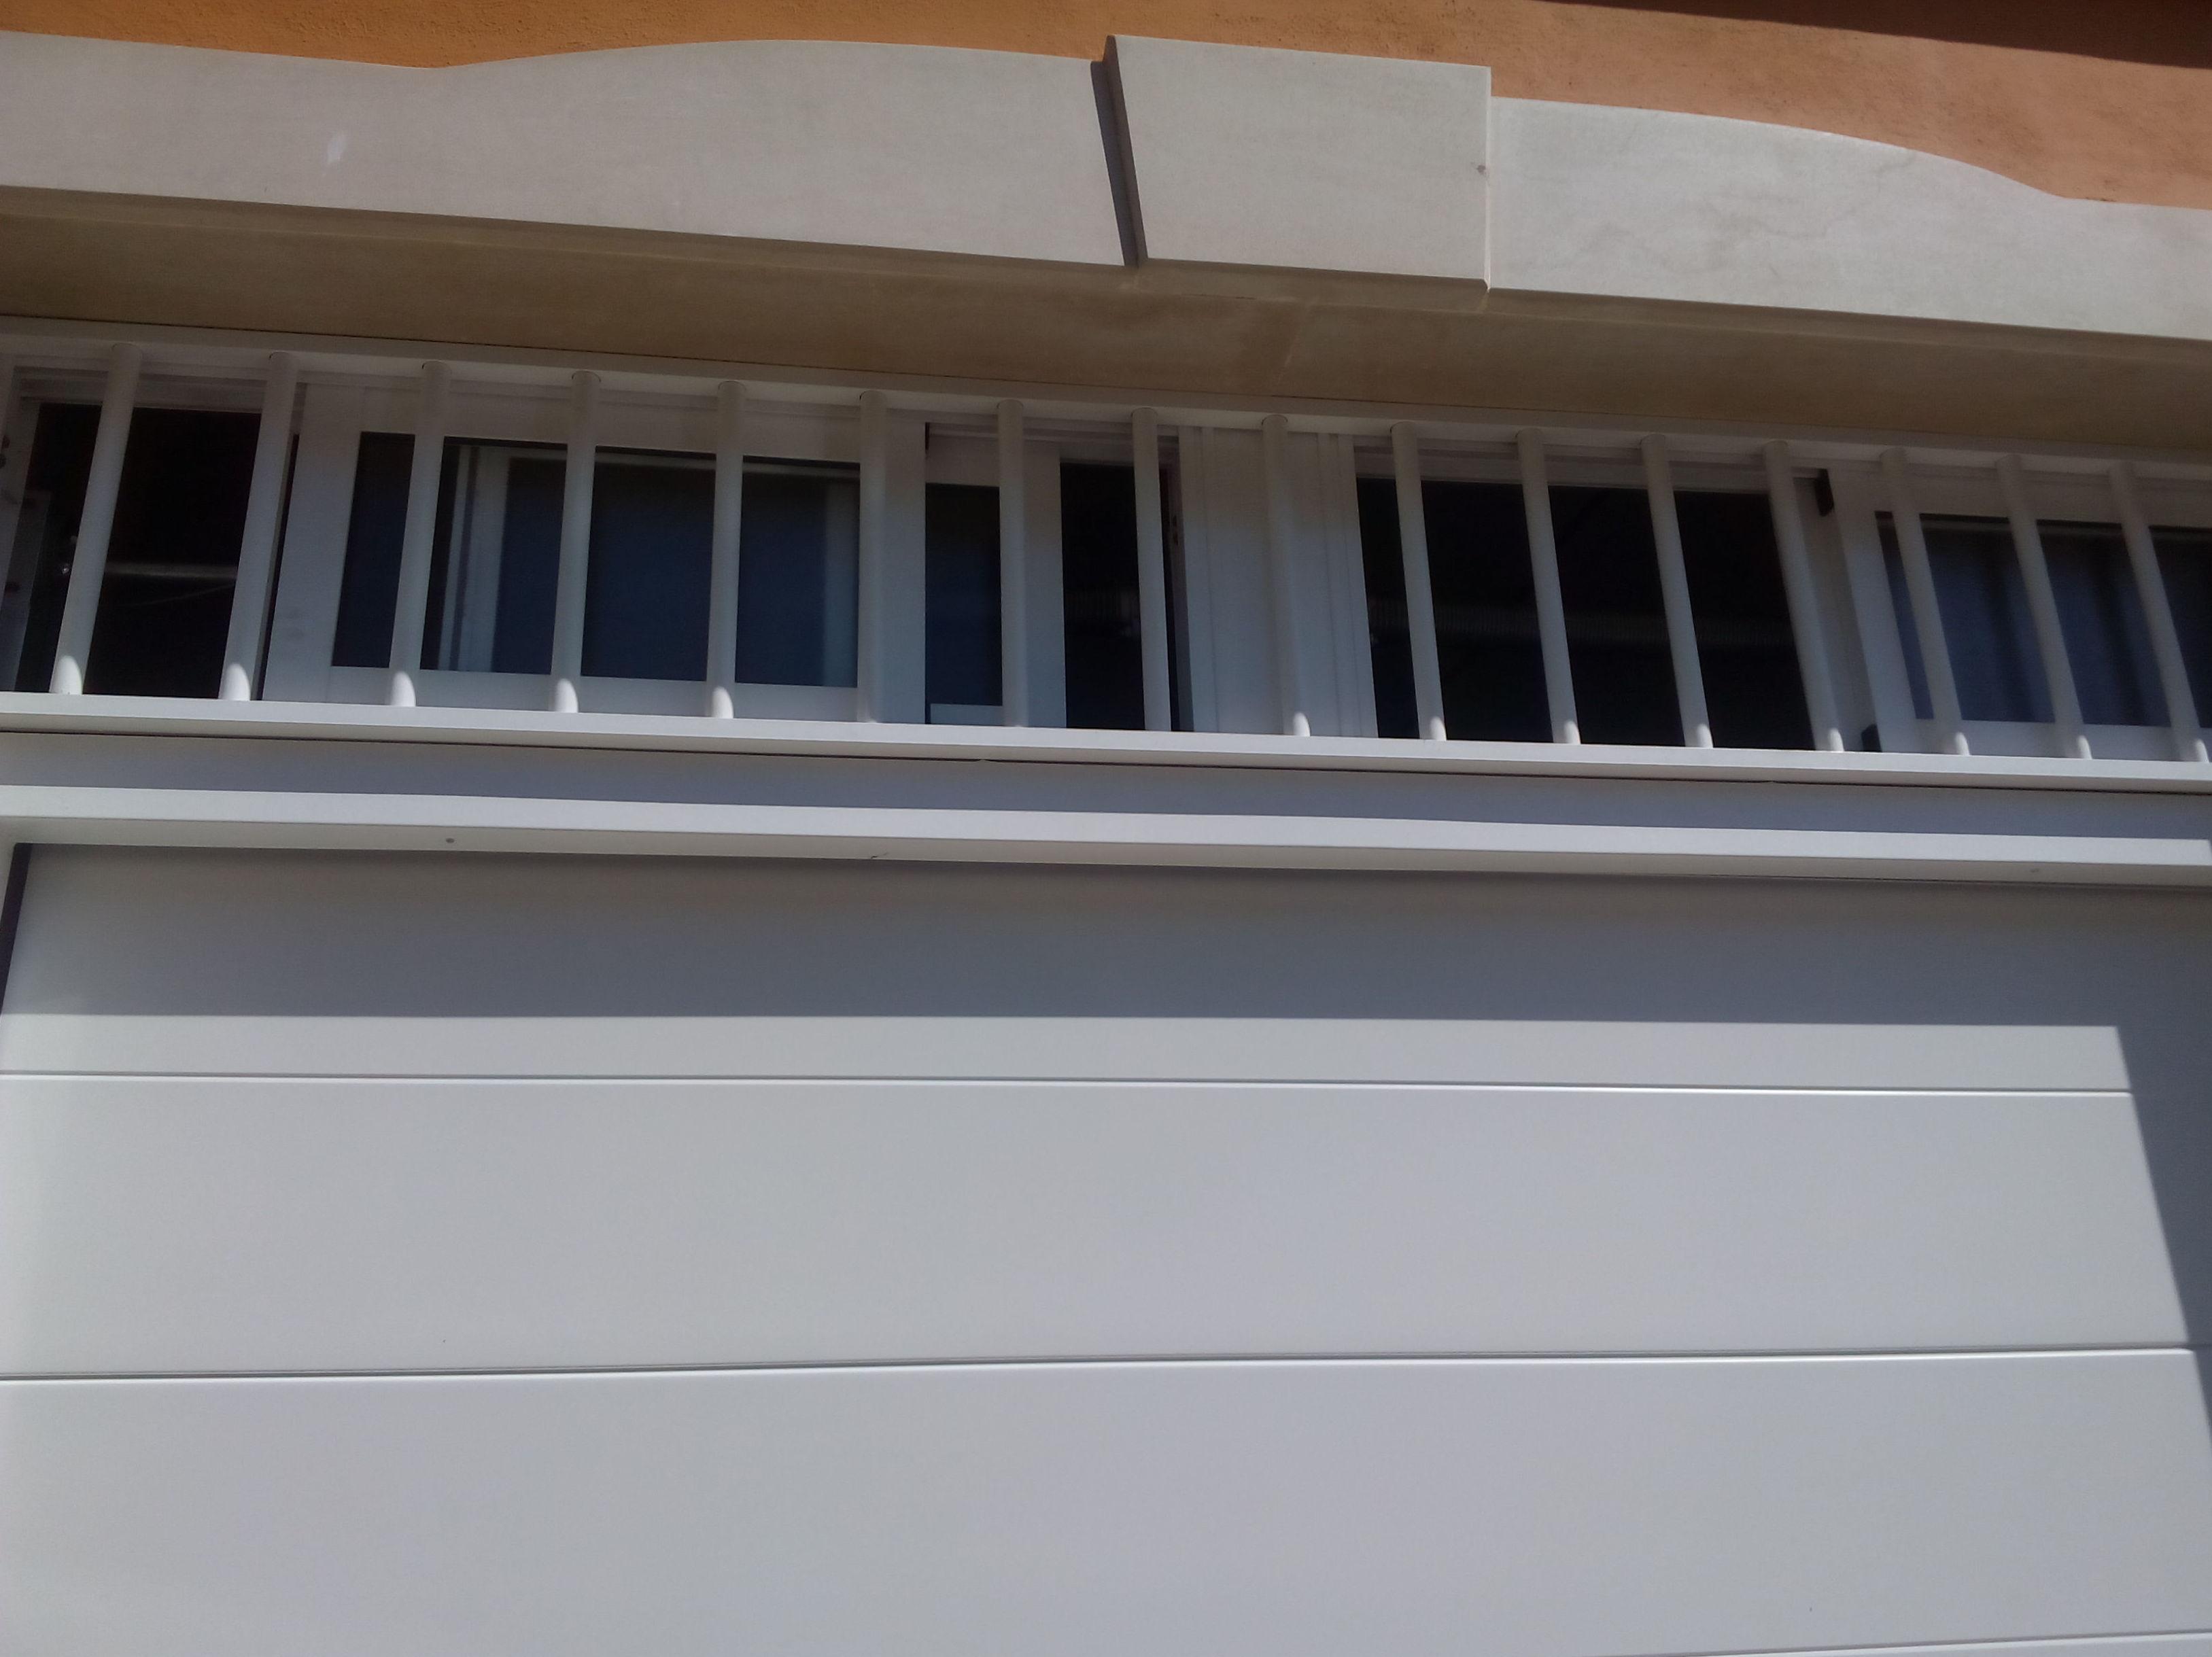 Puerta seccional automática panel liso de un canal ventilación superior